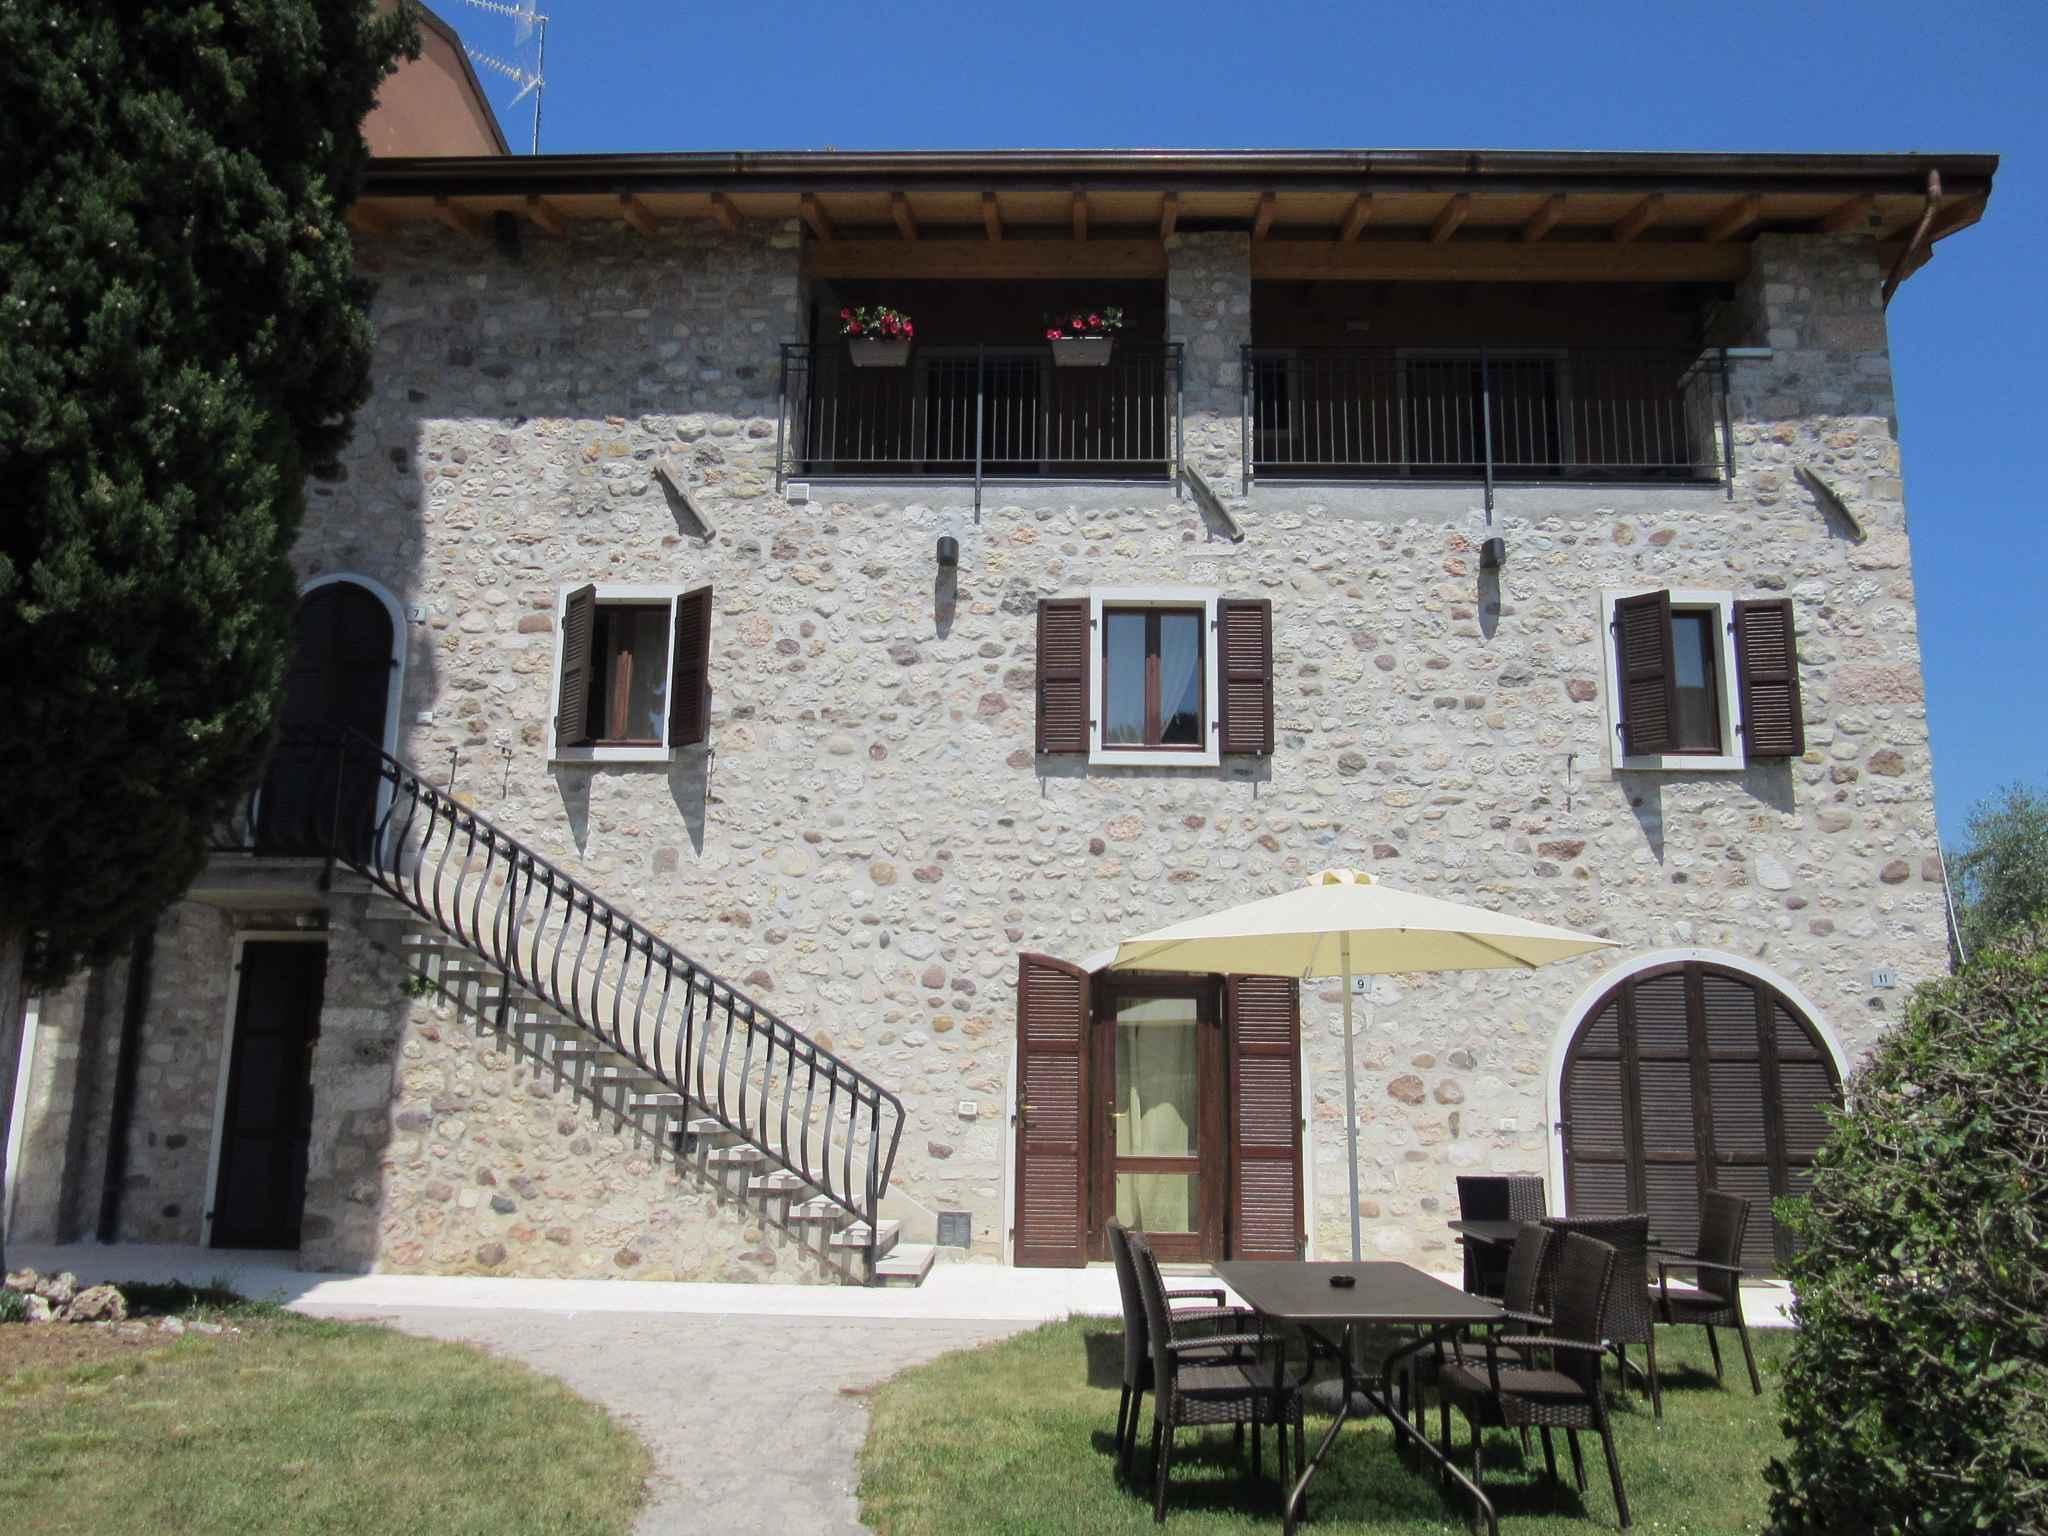 Ferienwohnung Residenz Rustico (279544), Garda, Gardasee, Venetien, Italien, Bild 6